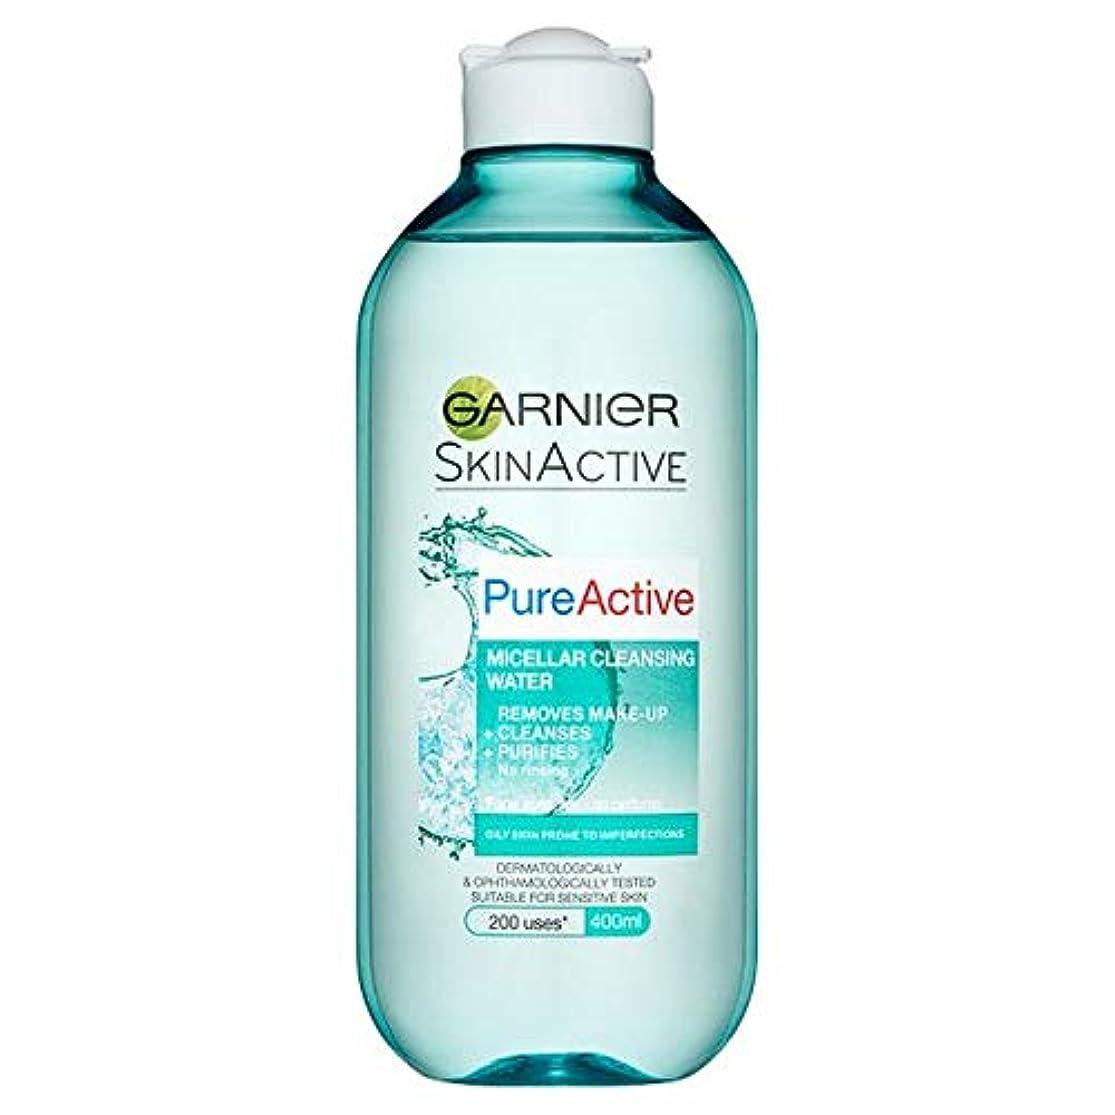 ドキュメンタリーアシスタントオーバーヘッド[Garnier] 純粋な活性ミセル水脂性肌用400ミリリットル - Pure Active Micellar Water Oily Skin 400Ml [並行輸入品]